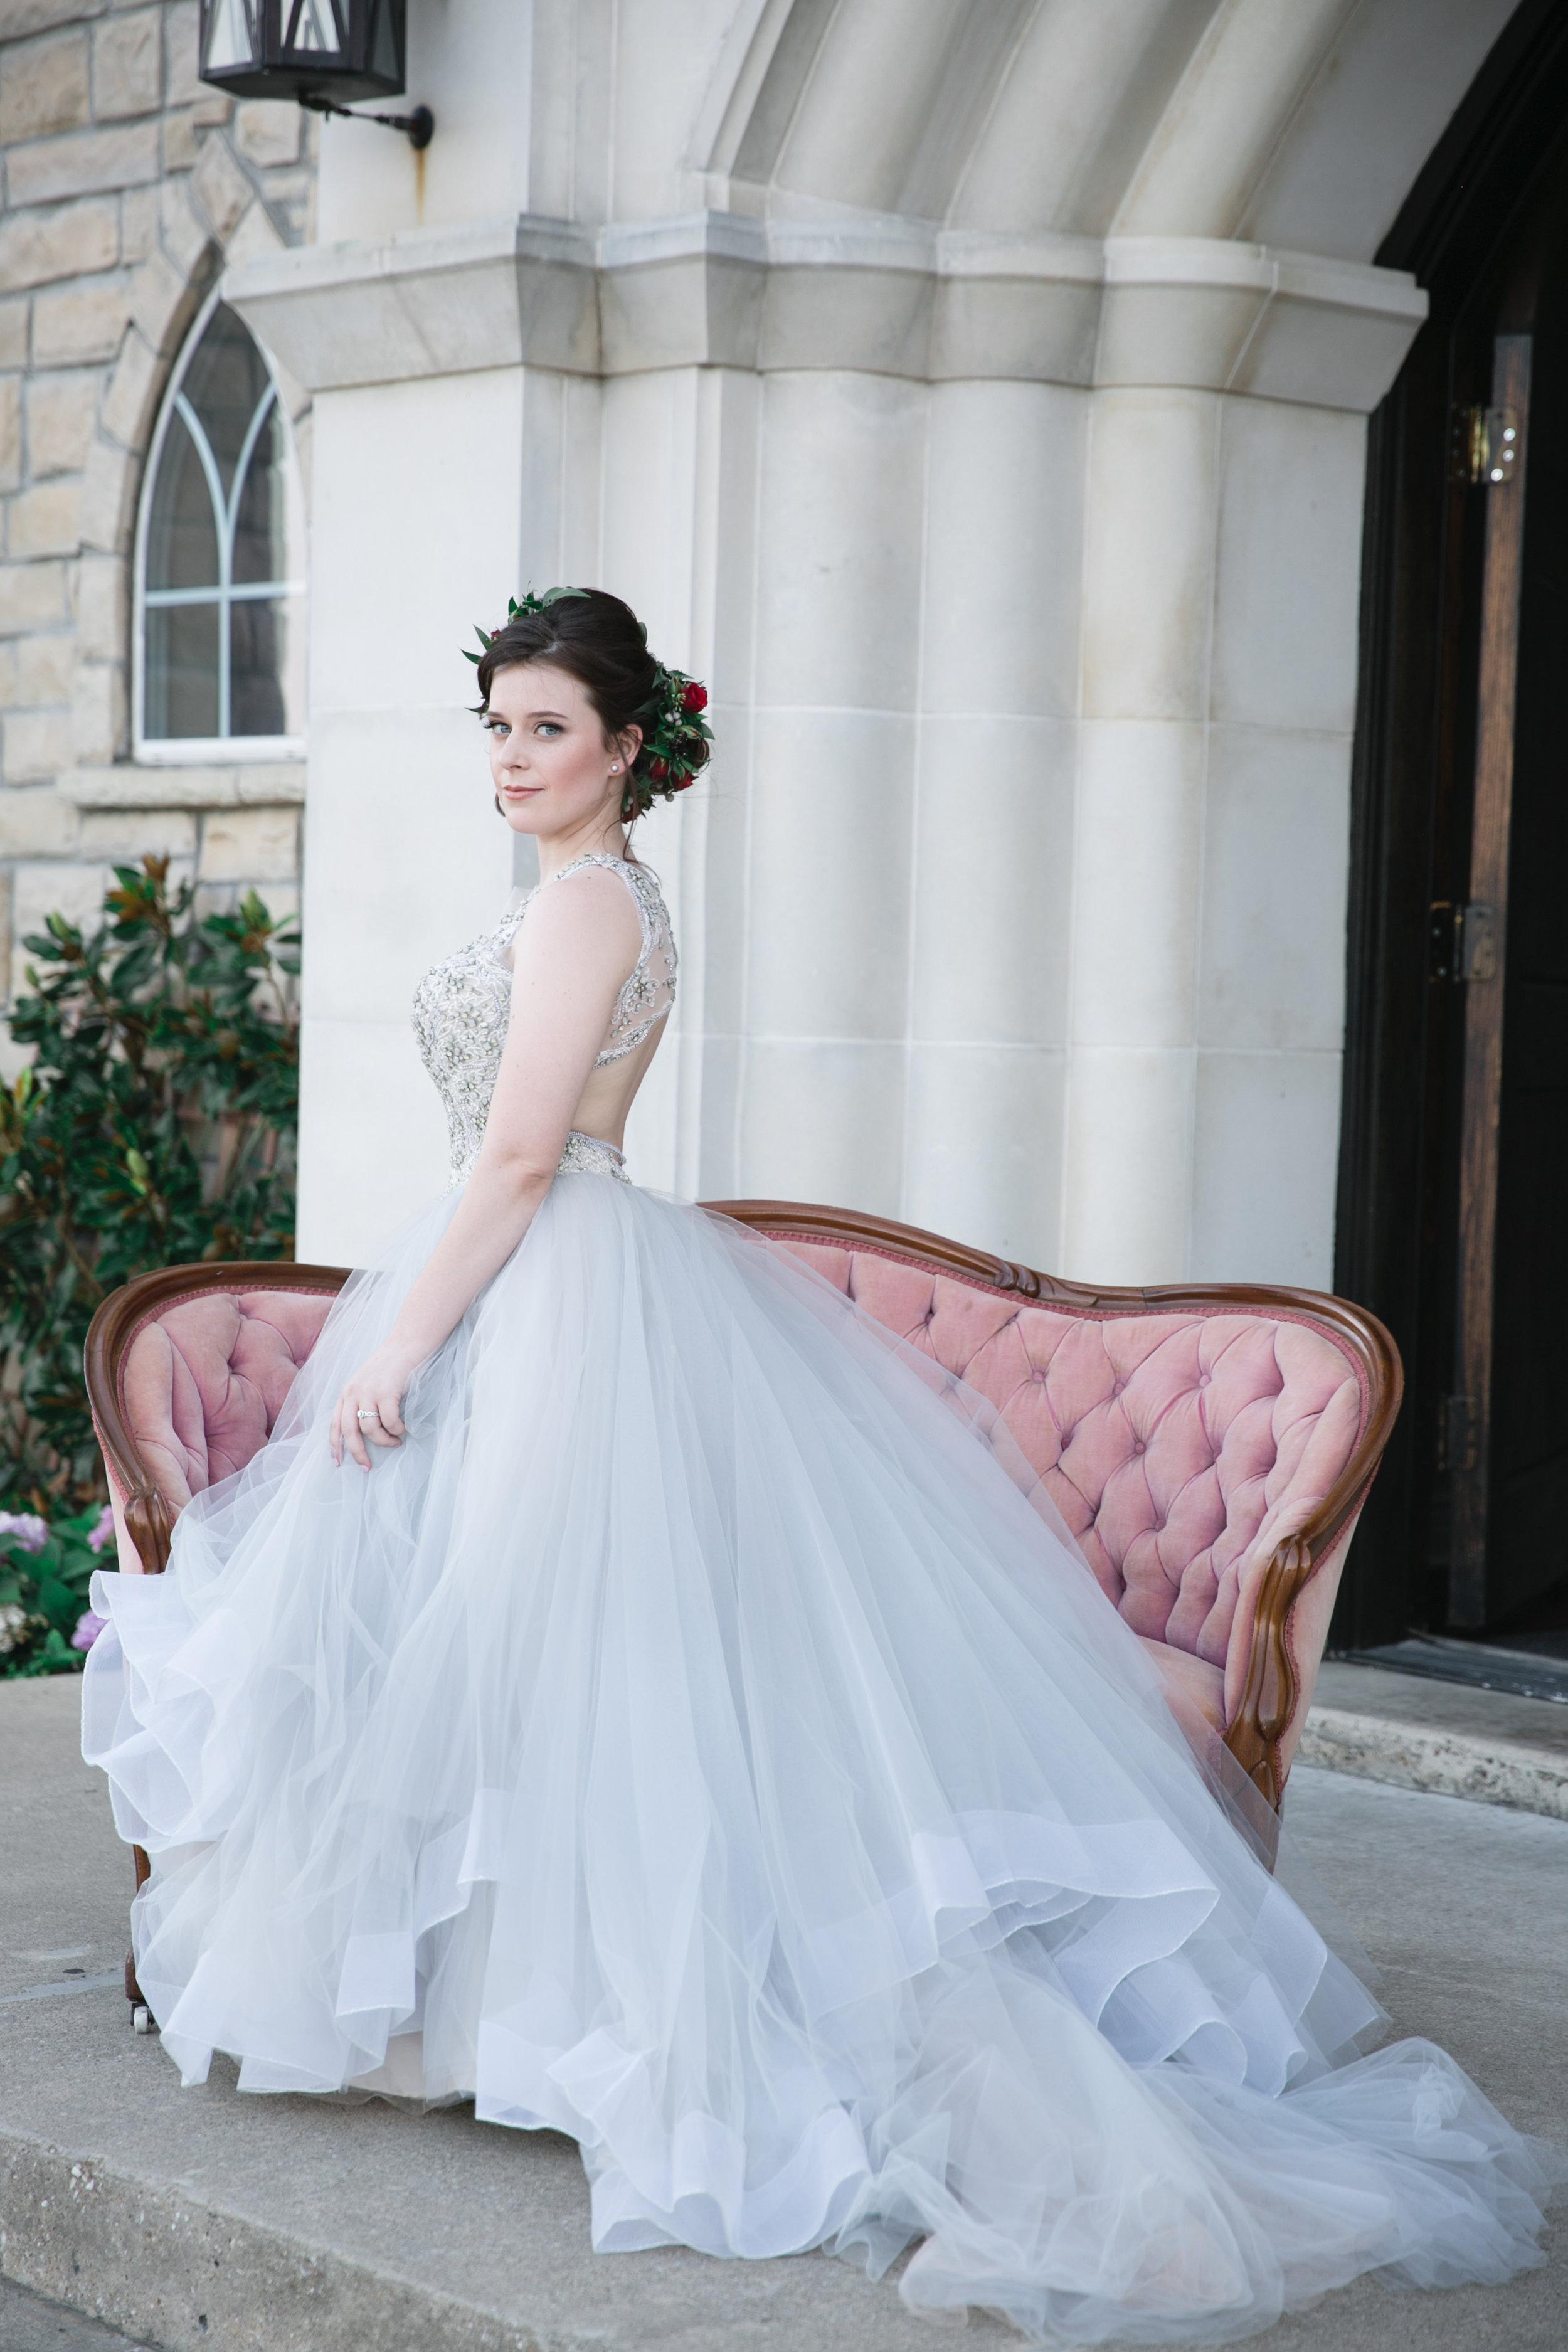 AnnaMarie-bridal-14.JPG